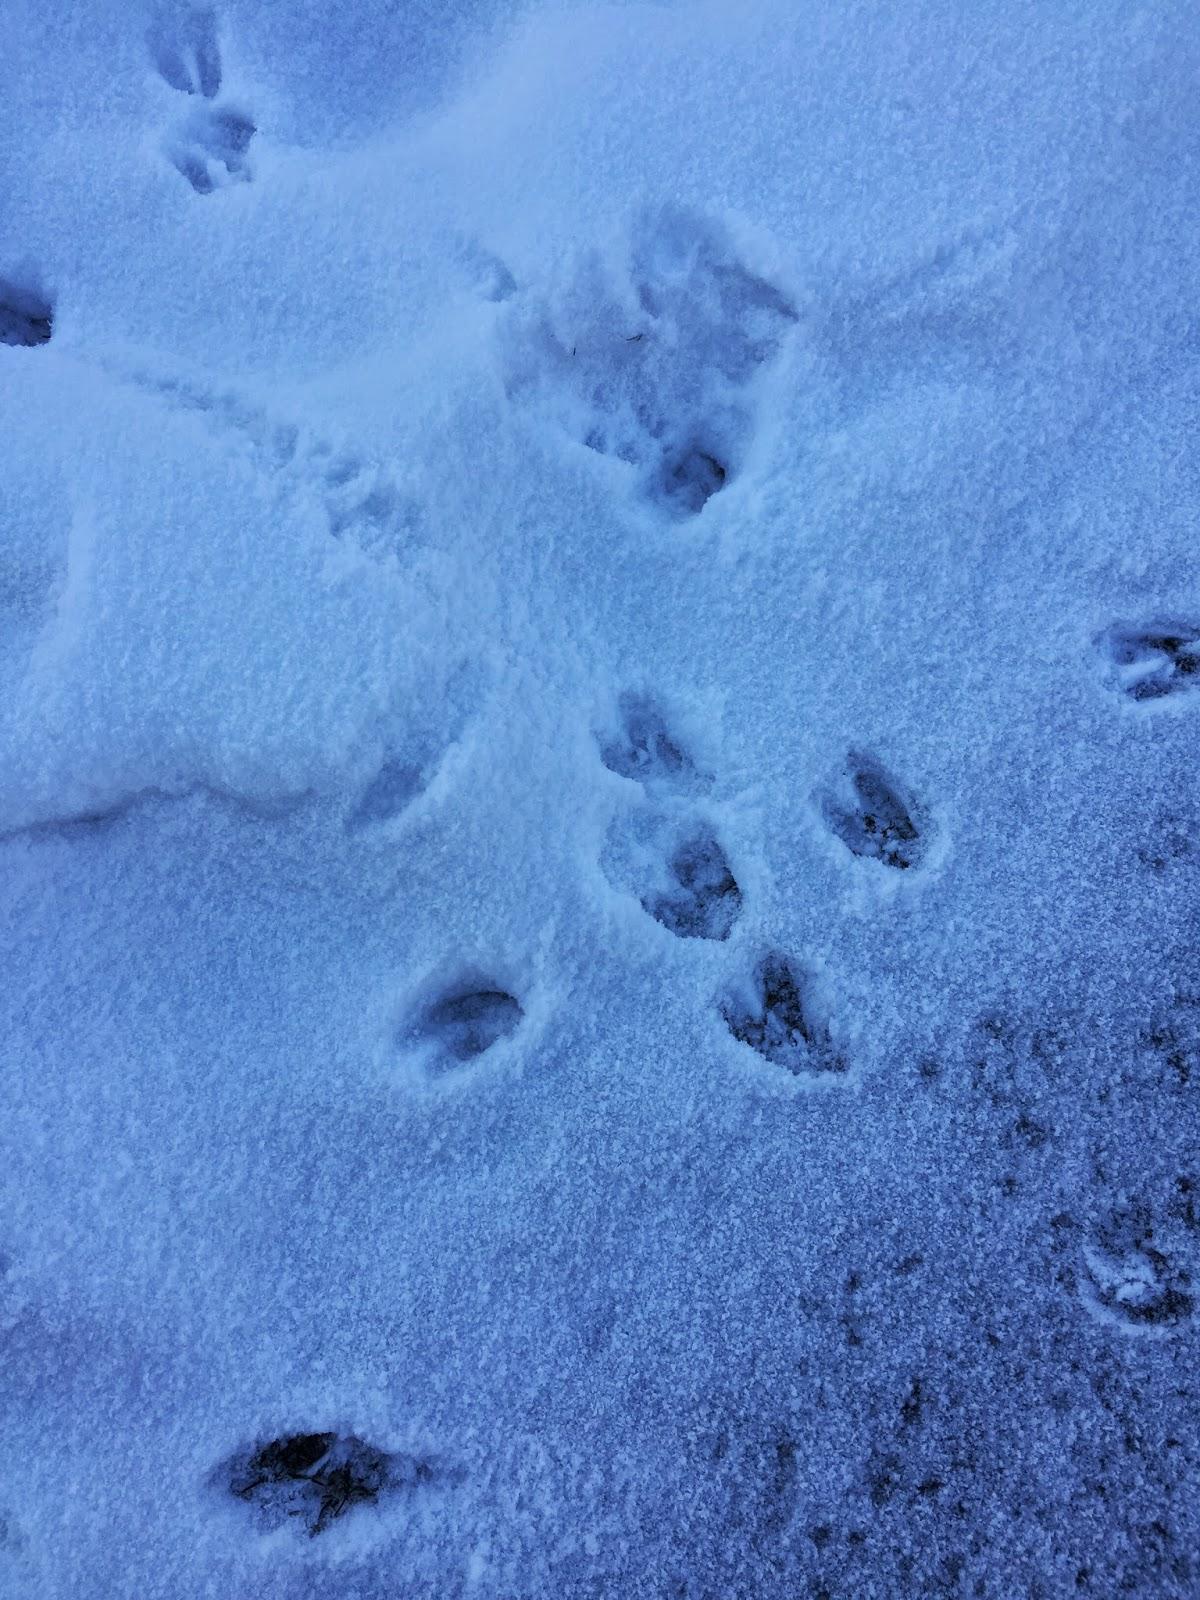 deer tracks in snow, deer, Virginia, animals